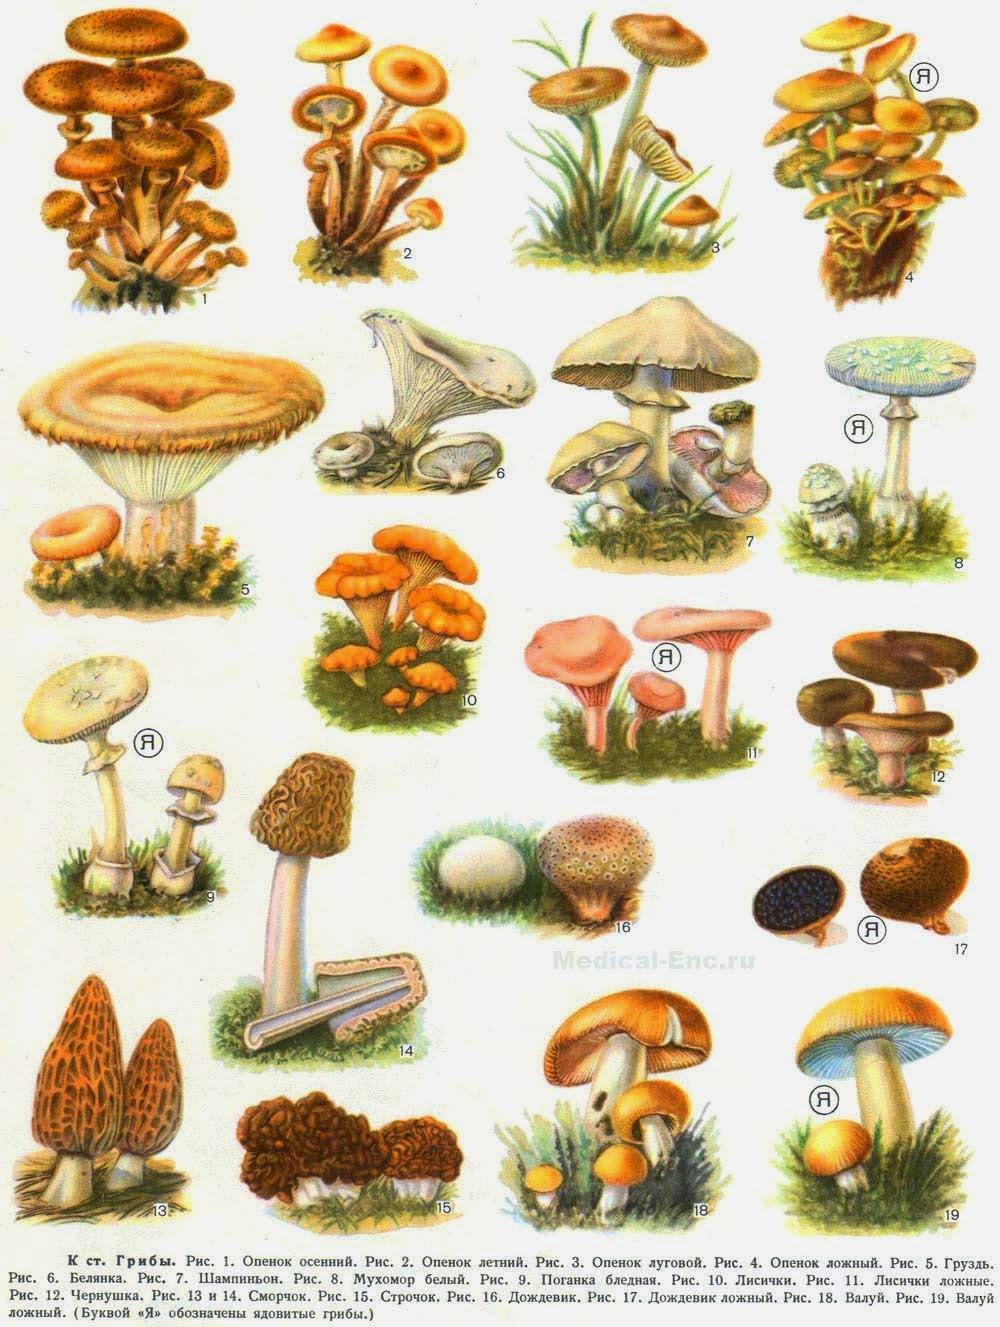 Грибы дальнего востока. Скачать справочник грибов | грибы приморья.